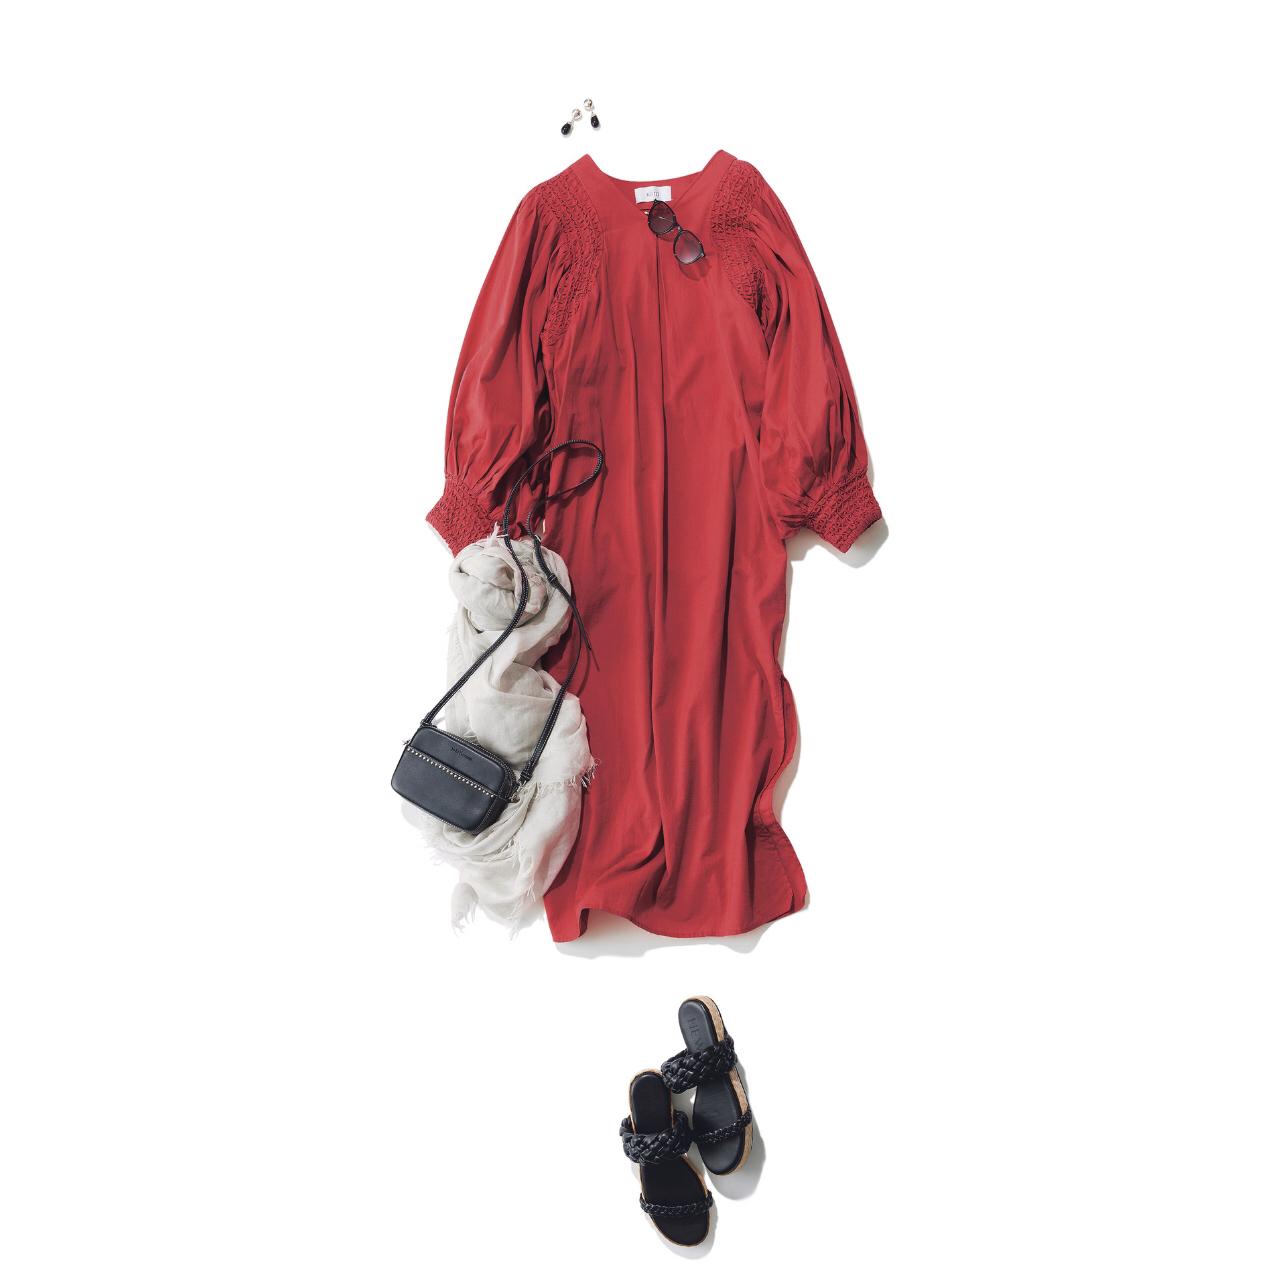 「ストール」でアラフォーの夏コーデをブラッシュアップ! 冷房対策にもおしゃれにも効くストールの取り入れ方 |40代ファッション_1_10